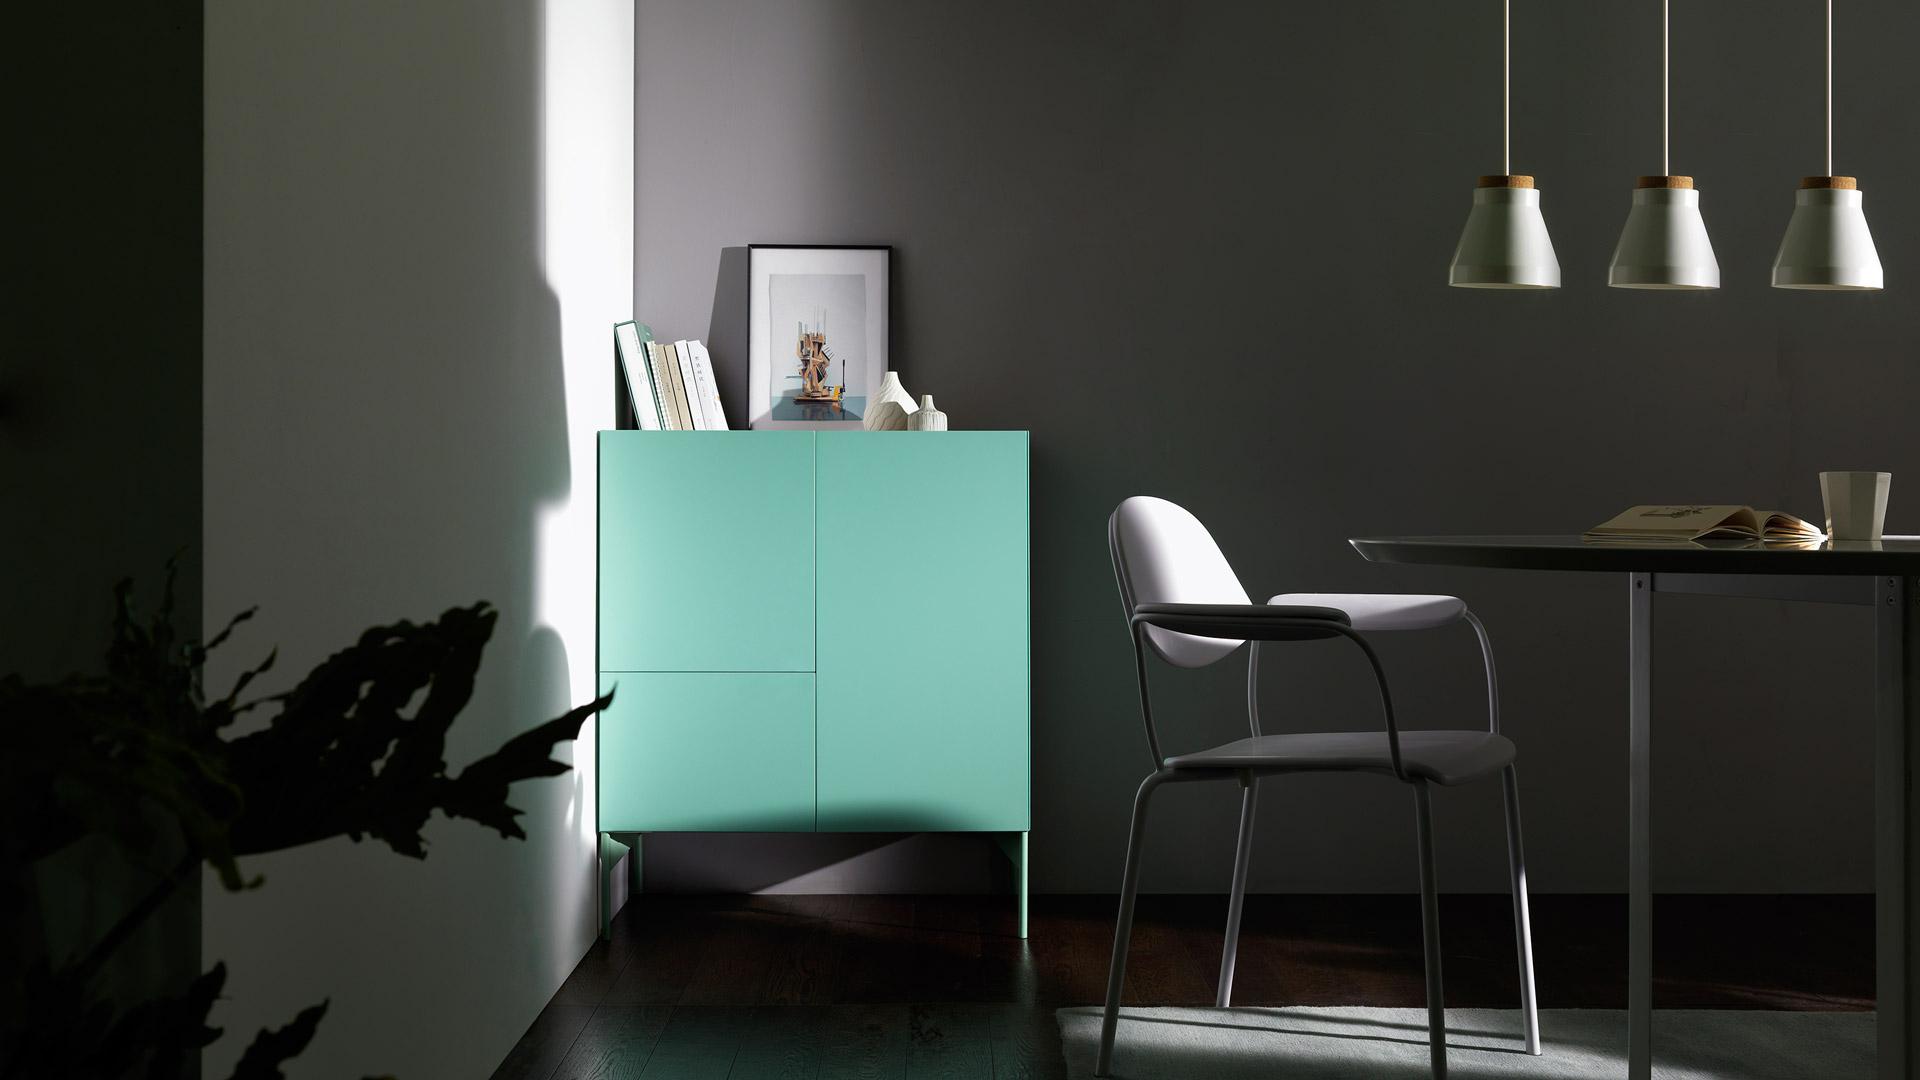 形态与功能的高度简洁,为紧凑餐厅空间带来放大的透气感,自带装饰属性,维持餐厅的优雅收纳。